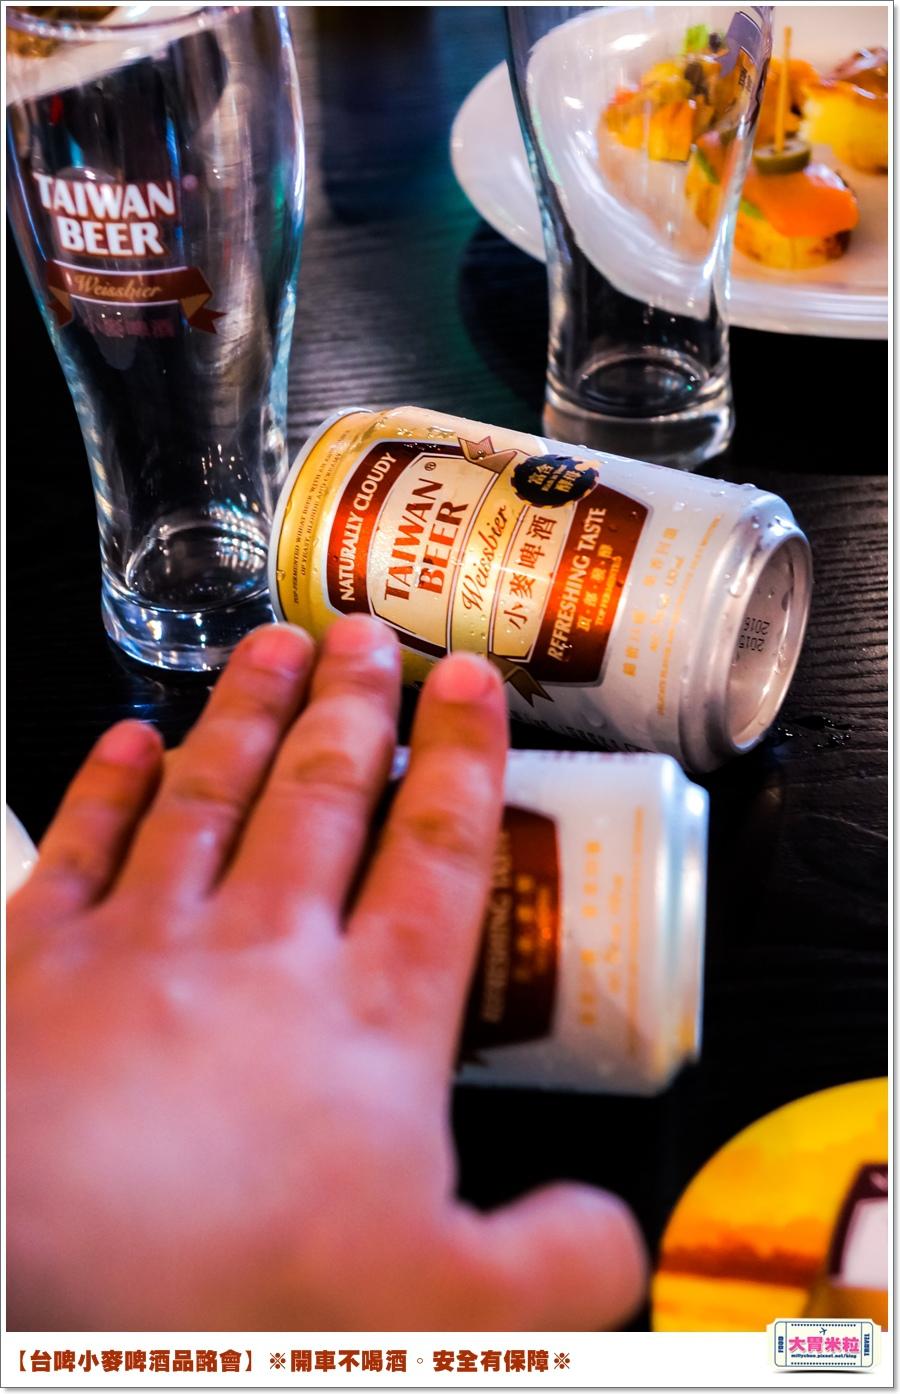 台啤小麥啤酒品酩會@大胃米粒0043.jpg